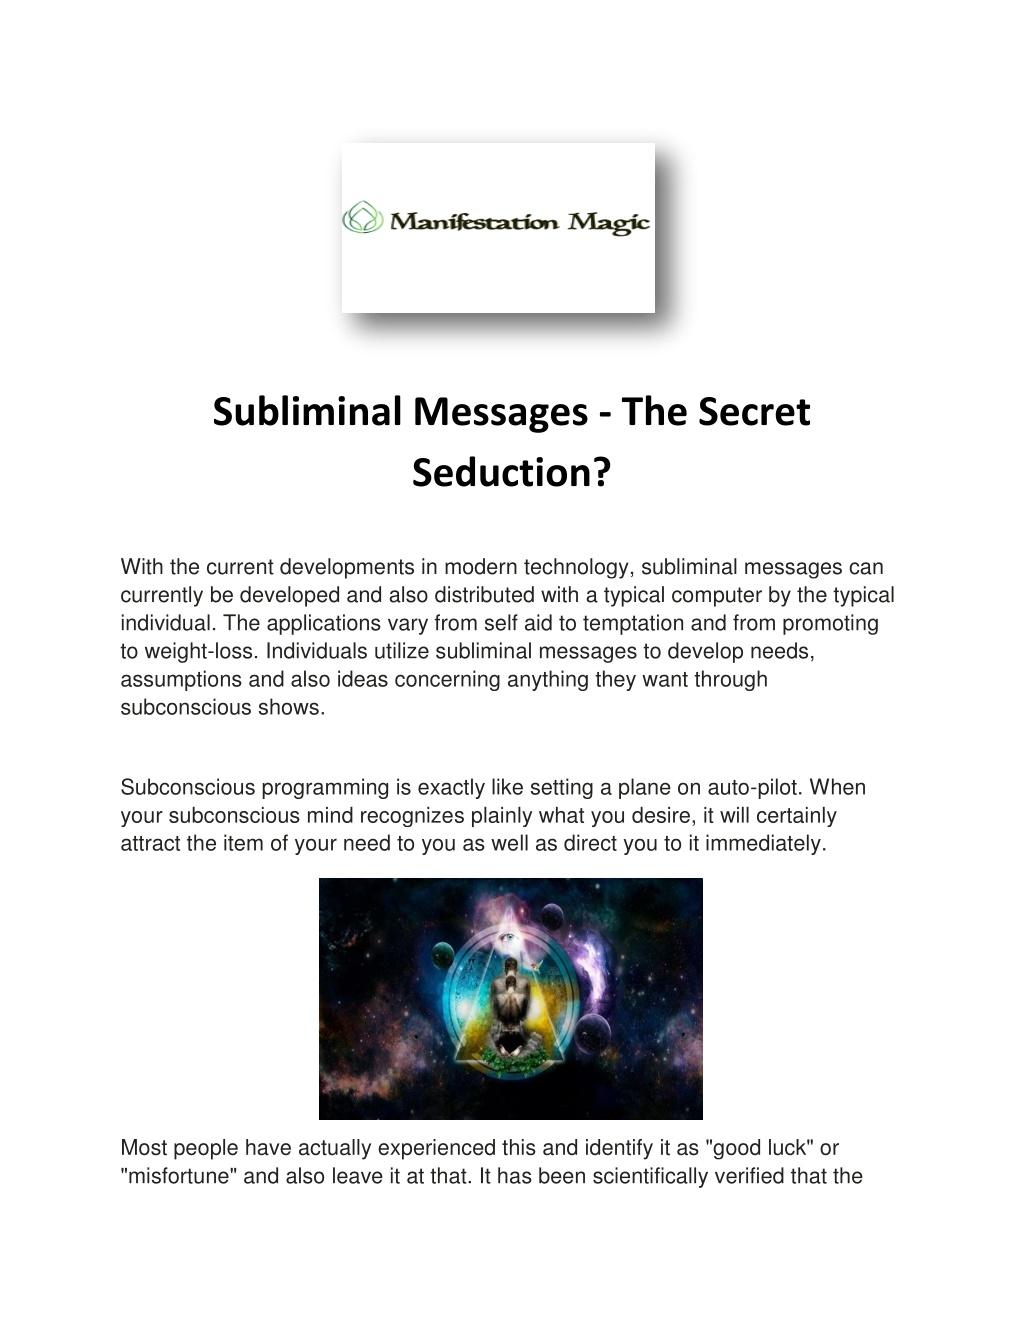 subliminal messages the secret seduction l.